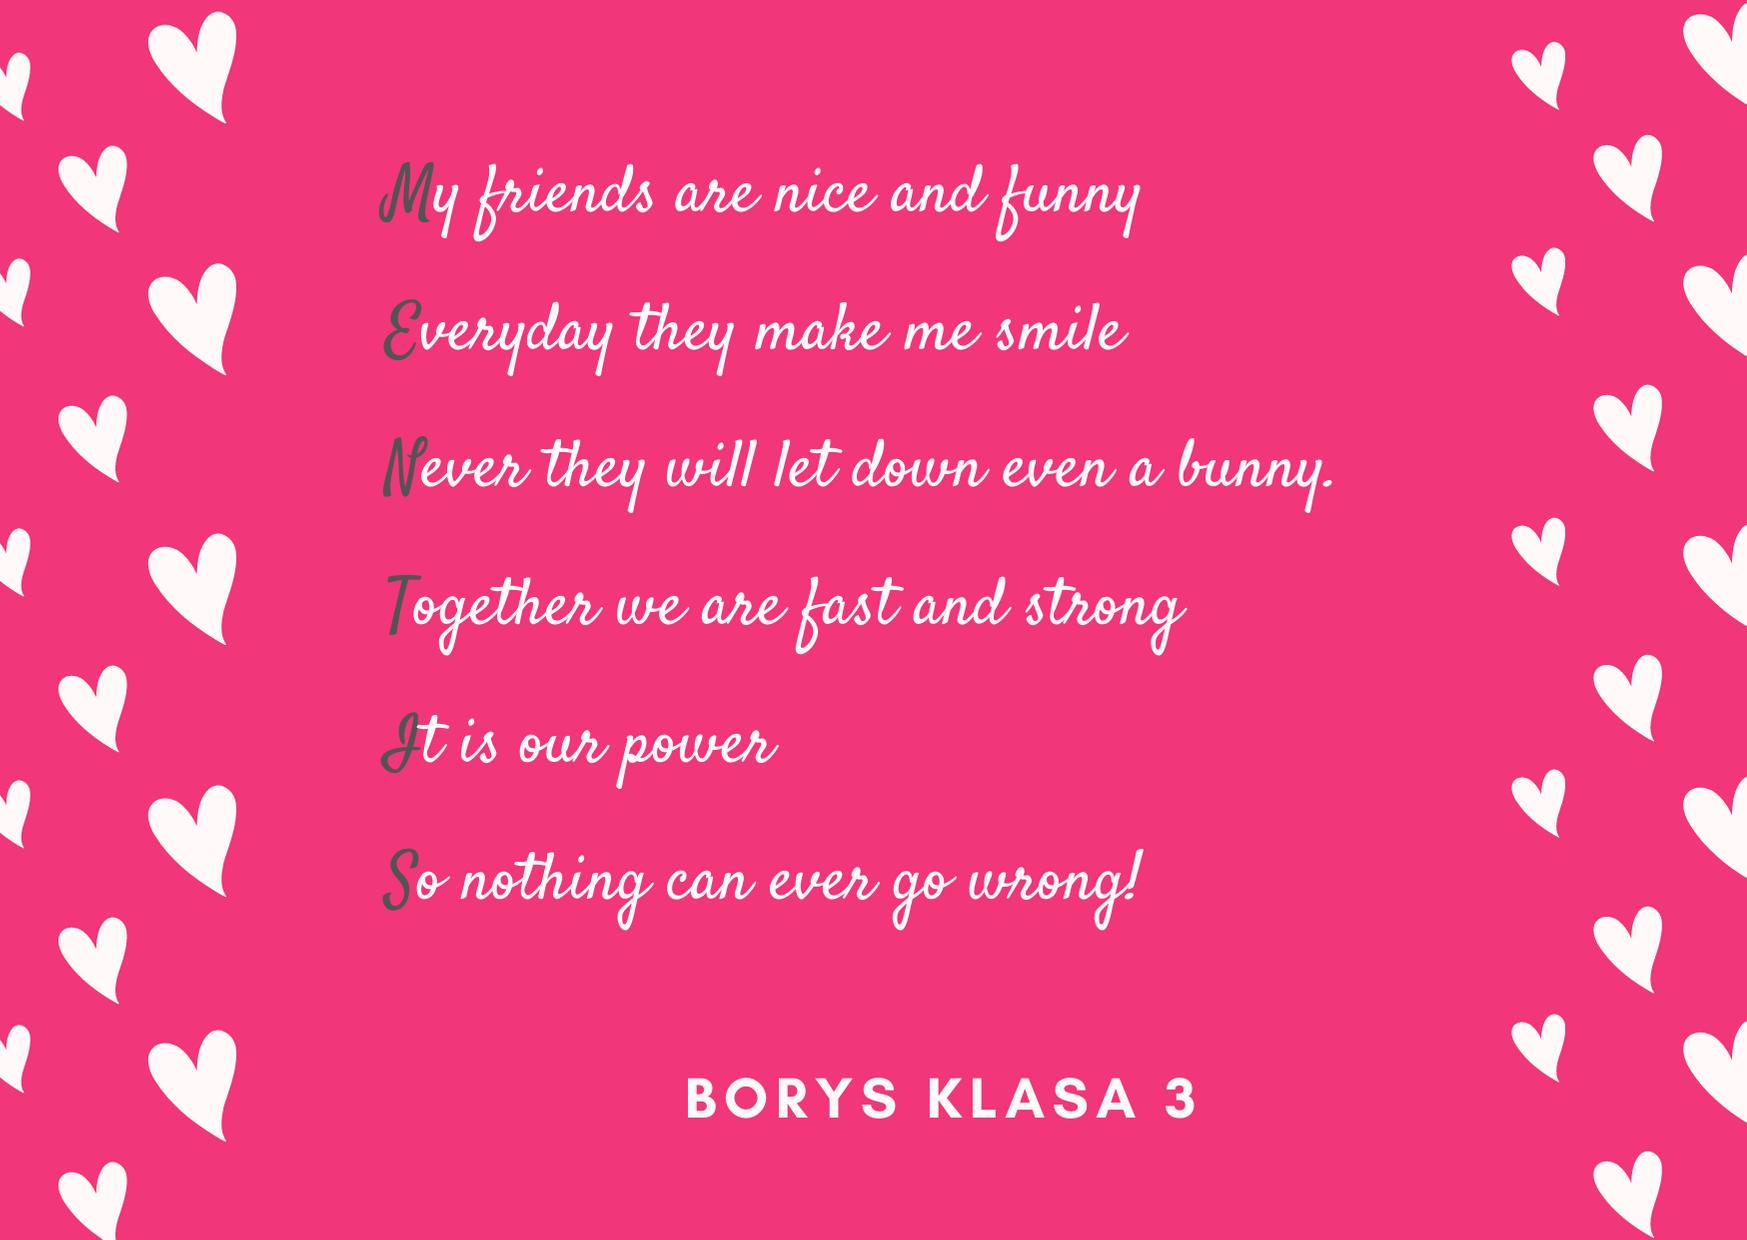 wiersz Borys